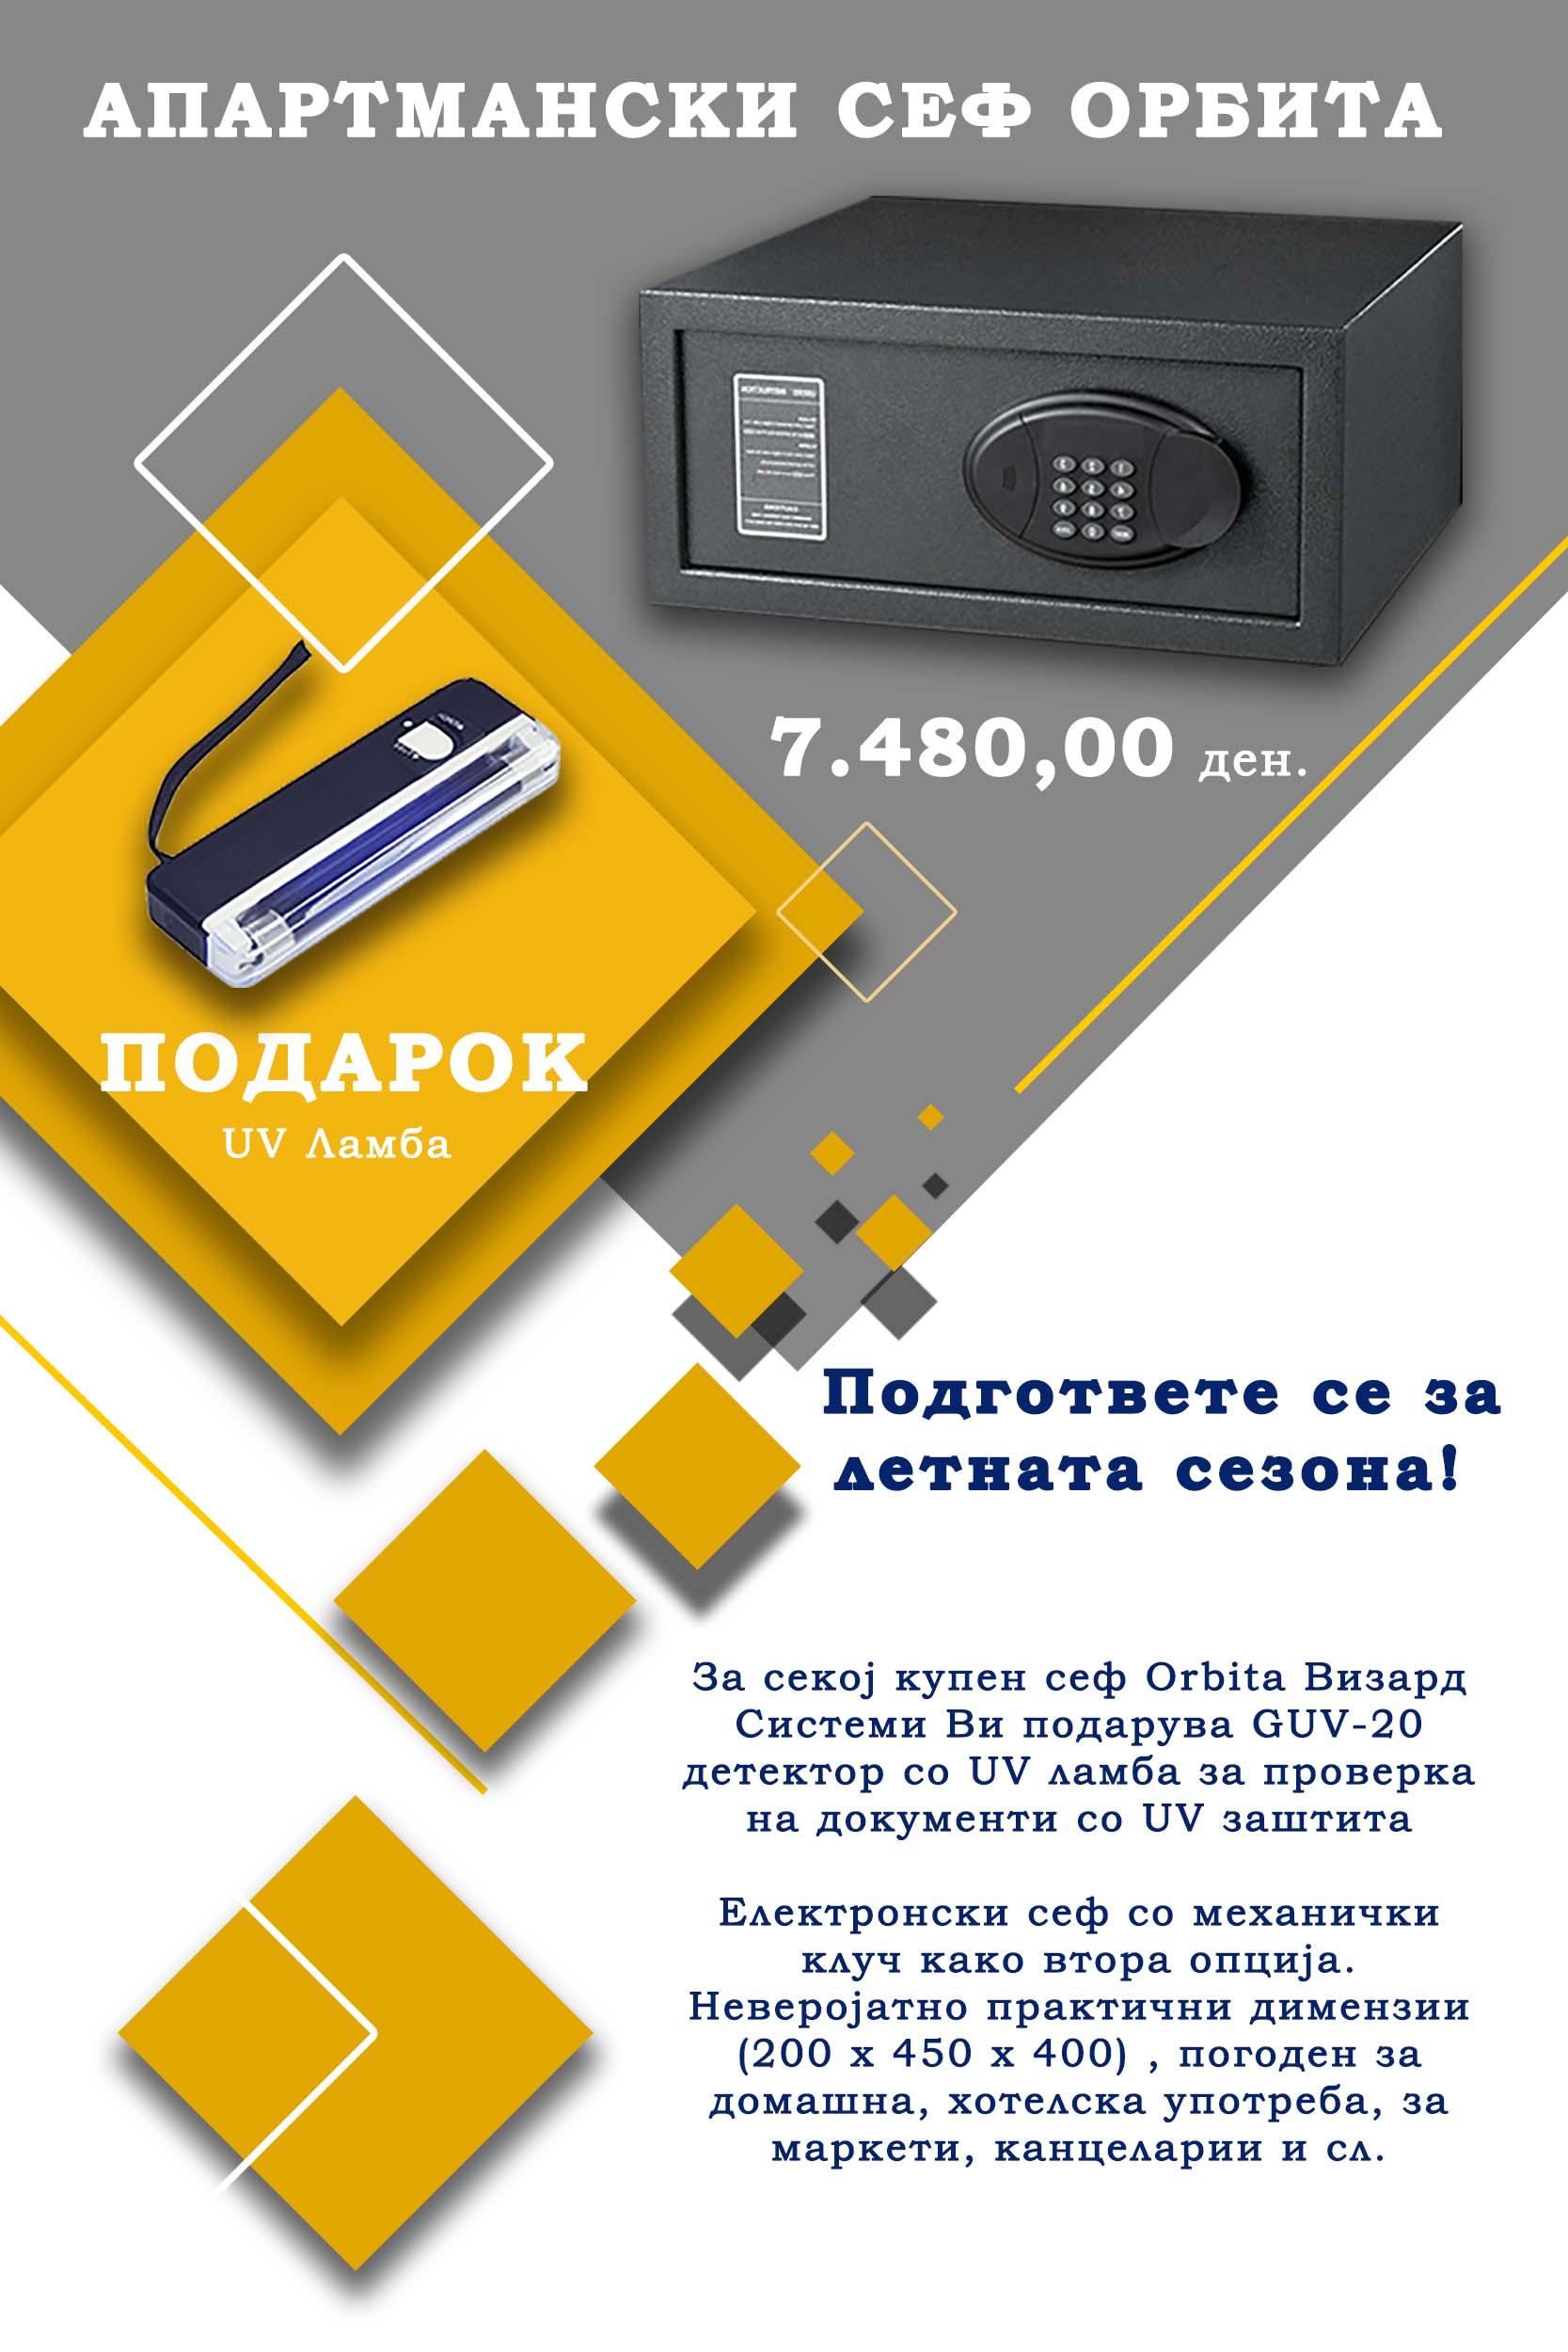 Flaer za bankarska web verzija